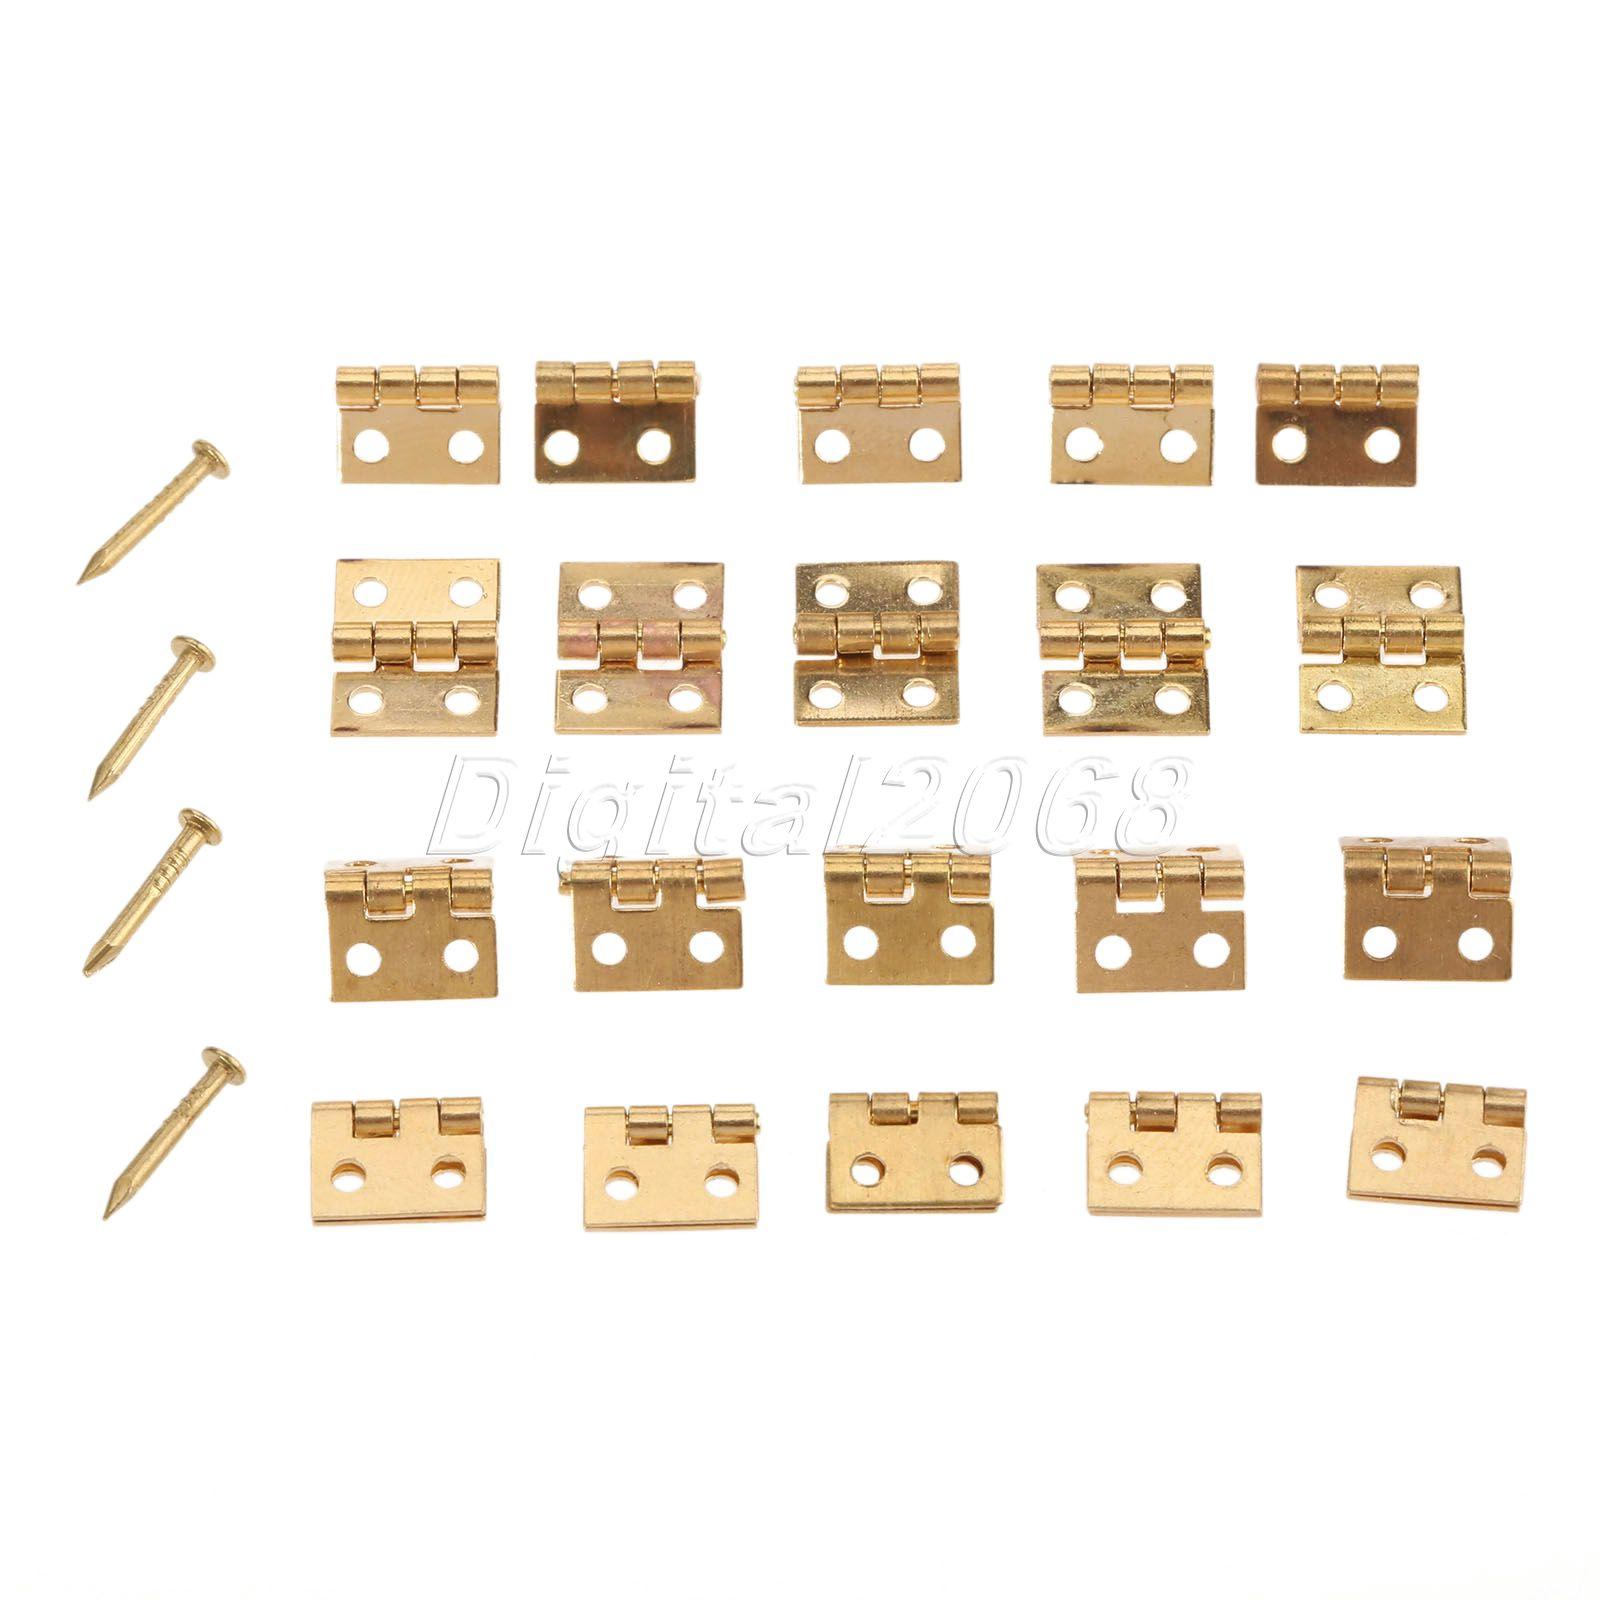 New Hot Vente 20 pcs Décoratif Vintage Mini Papillon Charnières Pour  Cabinet Bronze 1 0.8 cm Taille avec des Clous 5f5c3bb9ba2